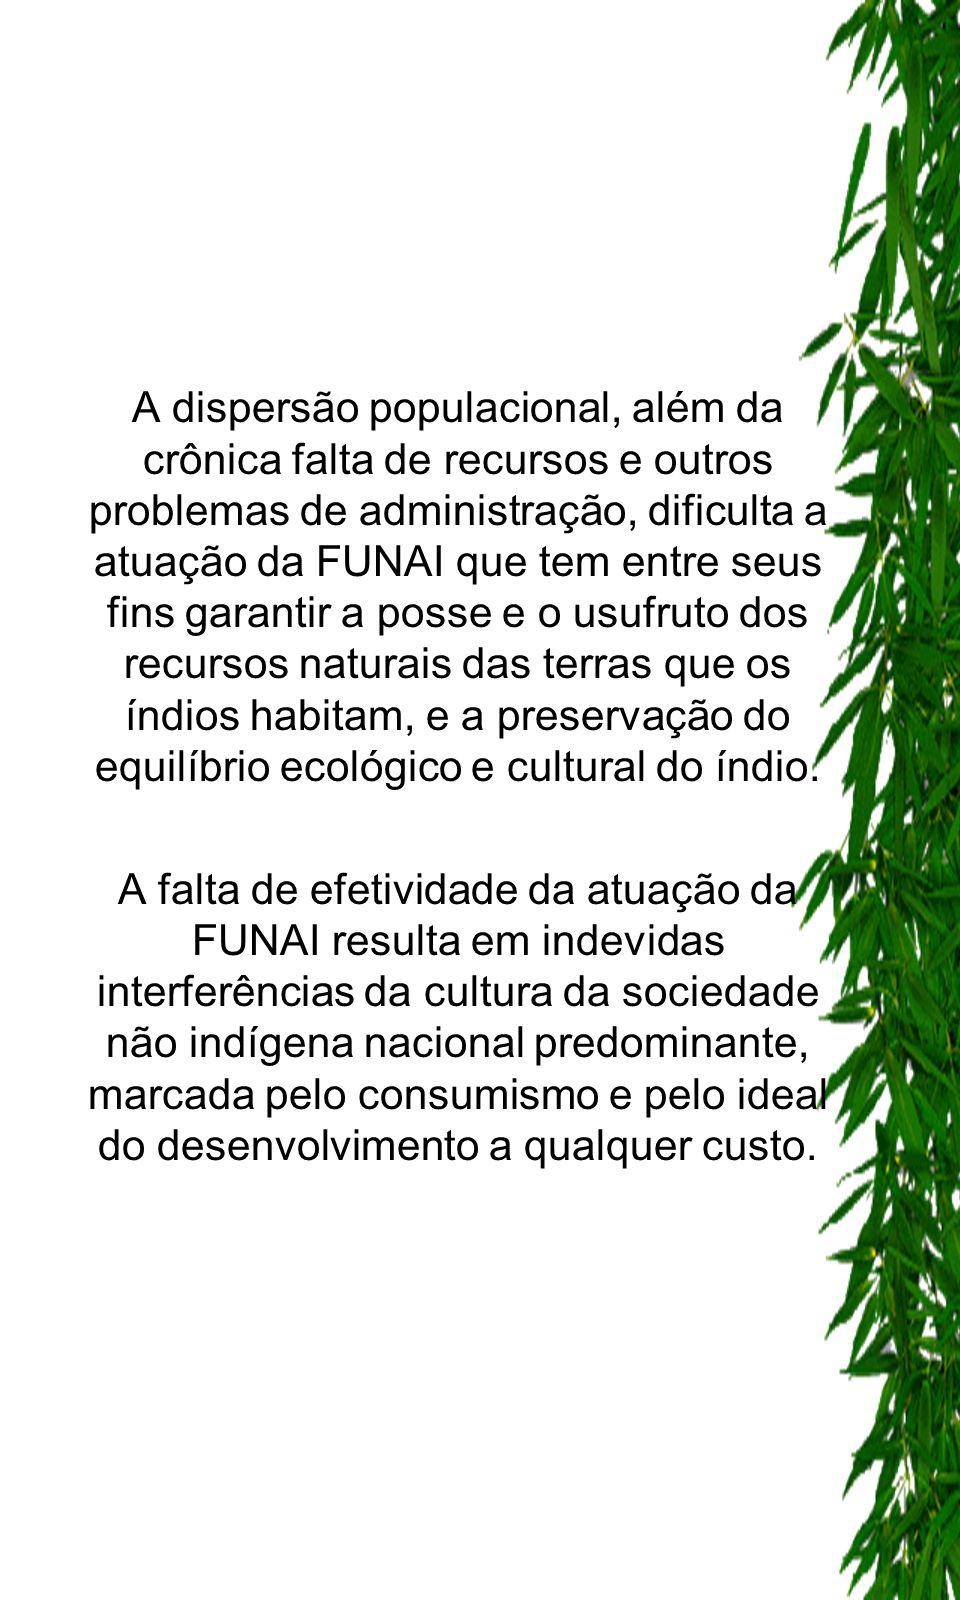 A dispersão populacional, além da crônica falta de recursos e outros problemas de administração, dificulta a atuação da FUNAI que tem entre seus fins